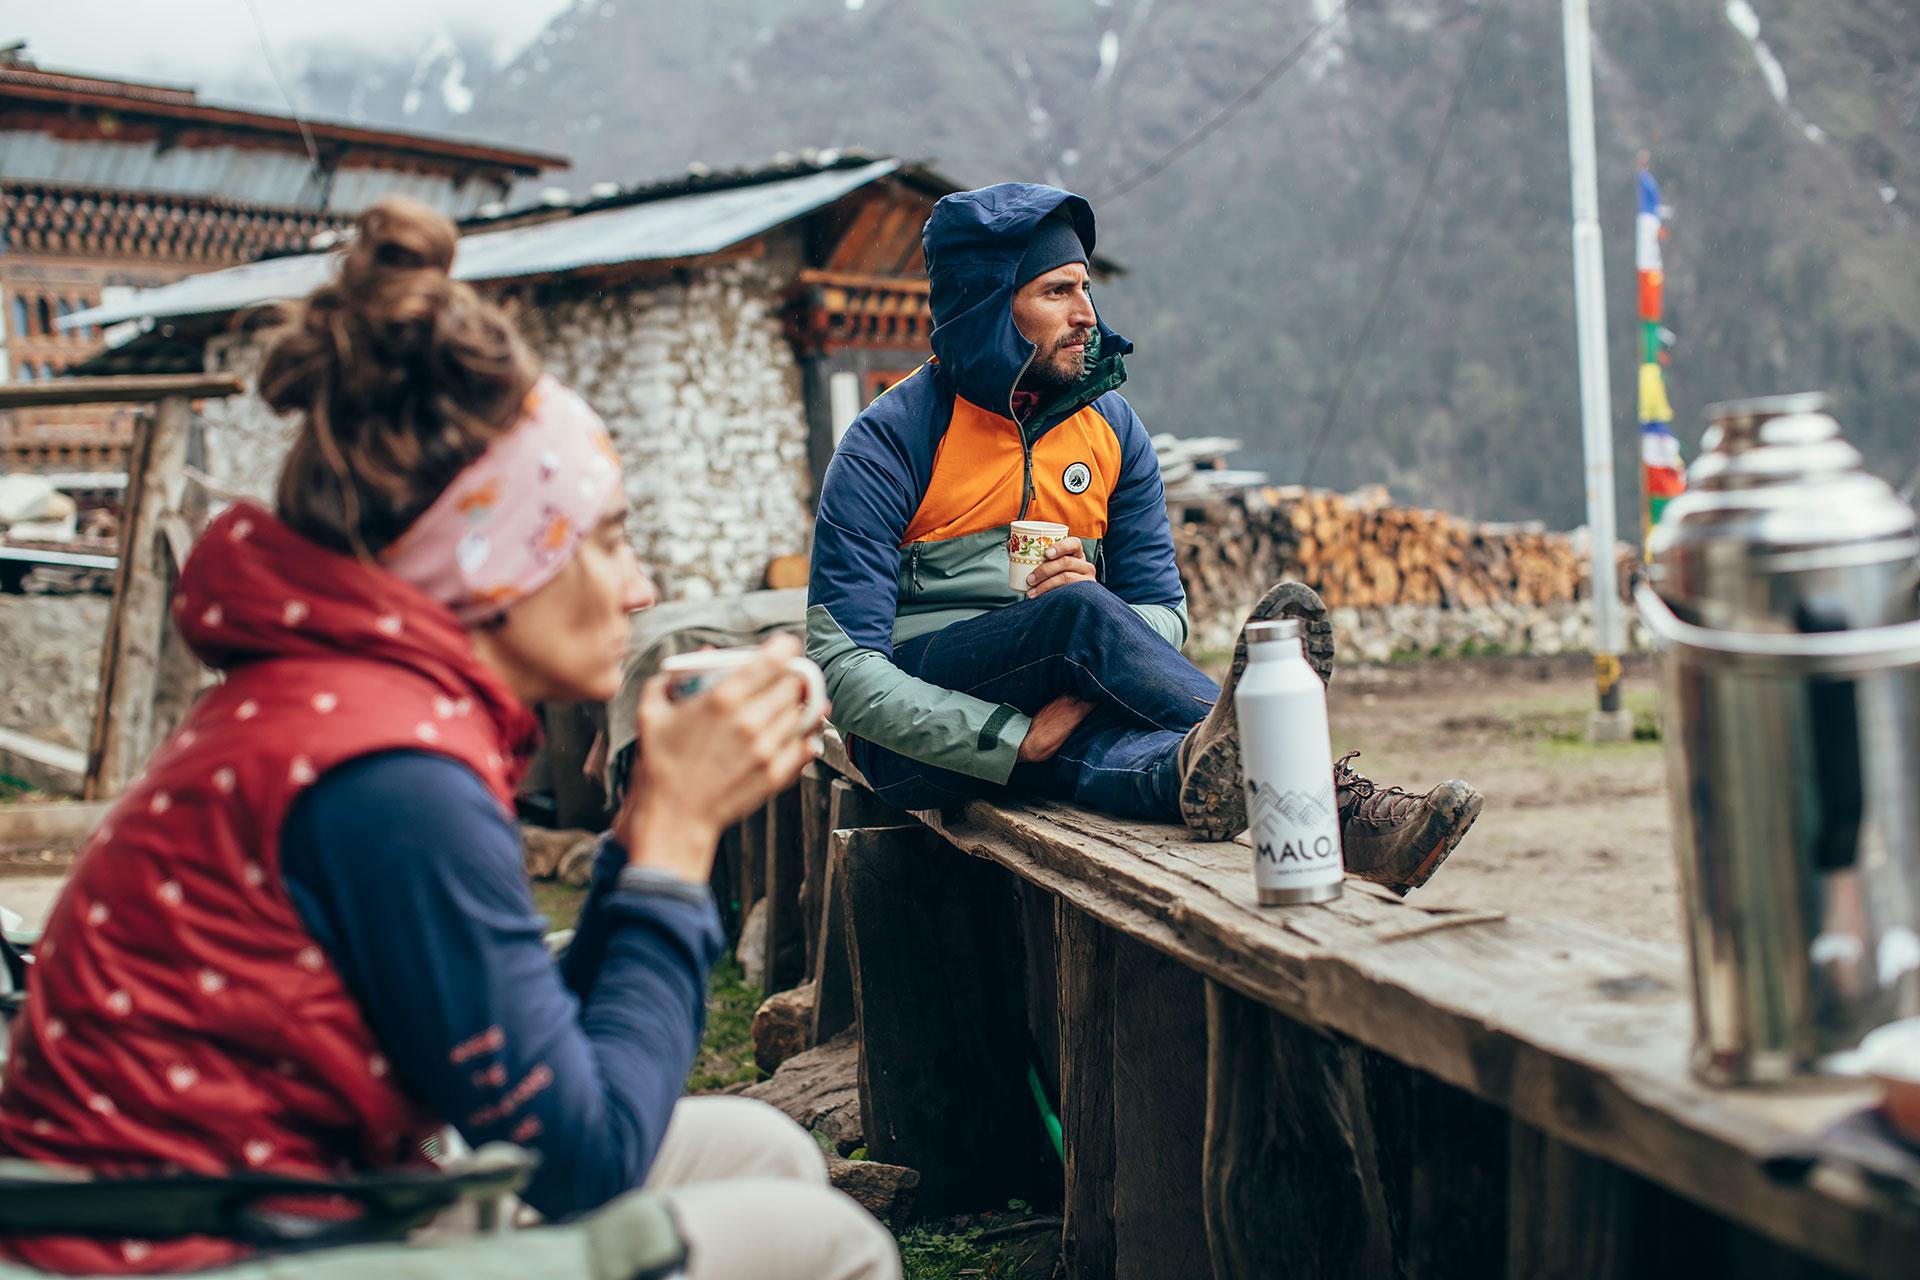 Himalaya Trekking Fotograf Lala Reise Deutschland Michael Müller Maloja Bekleidung